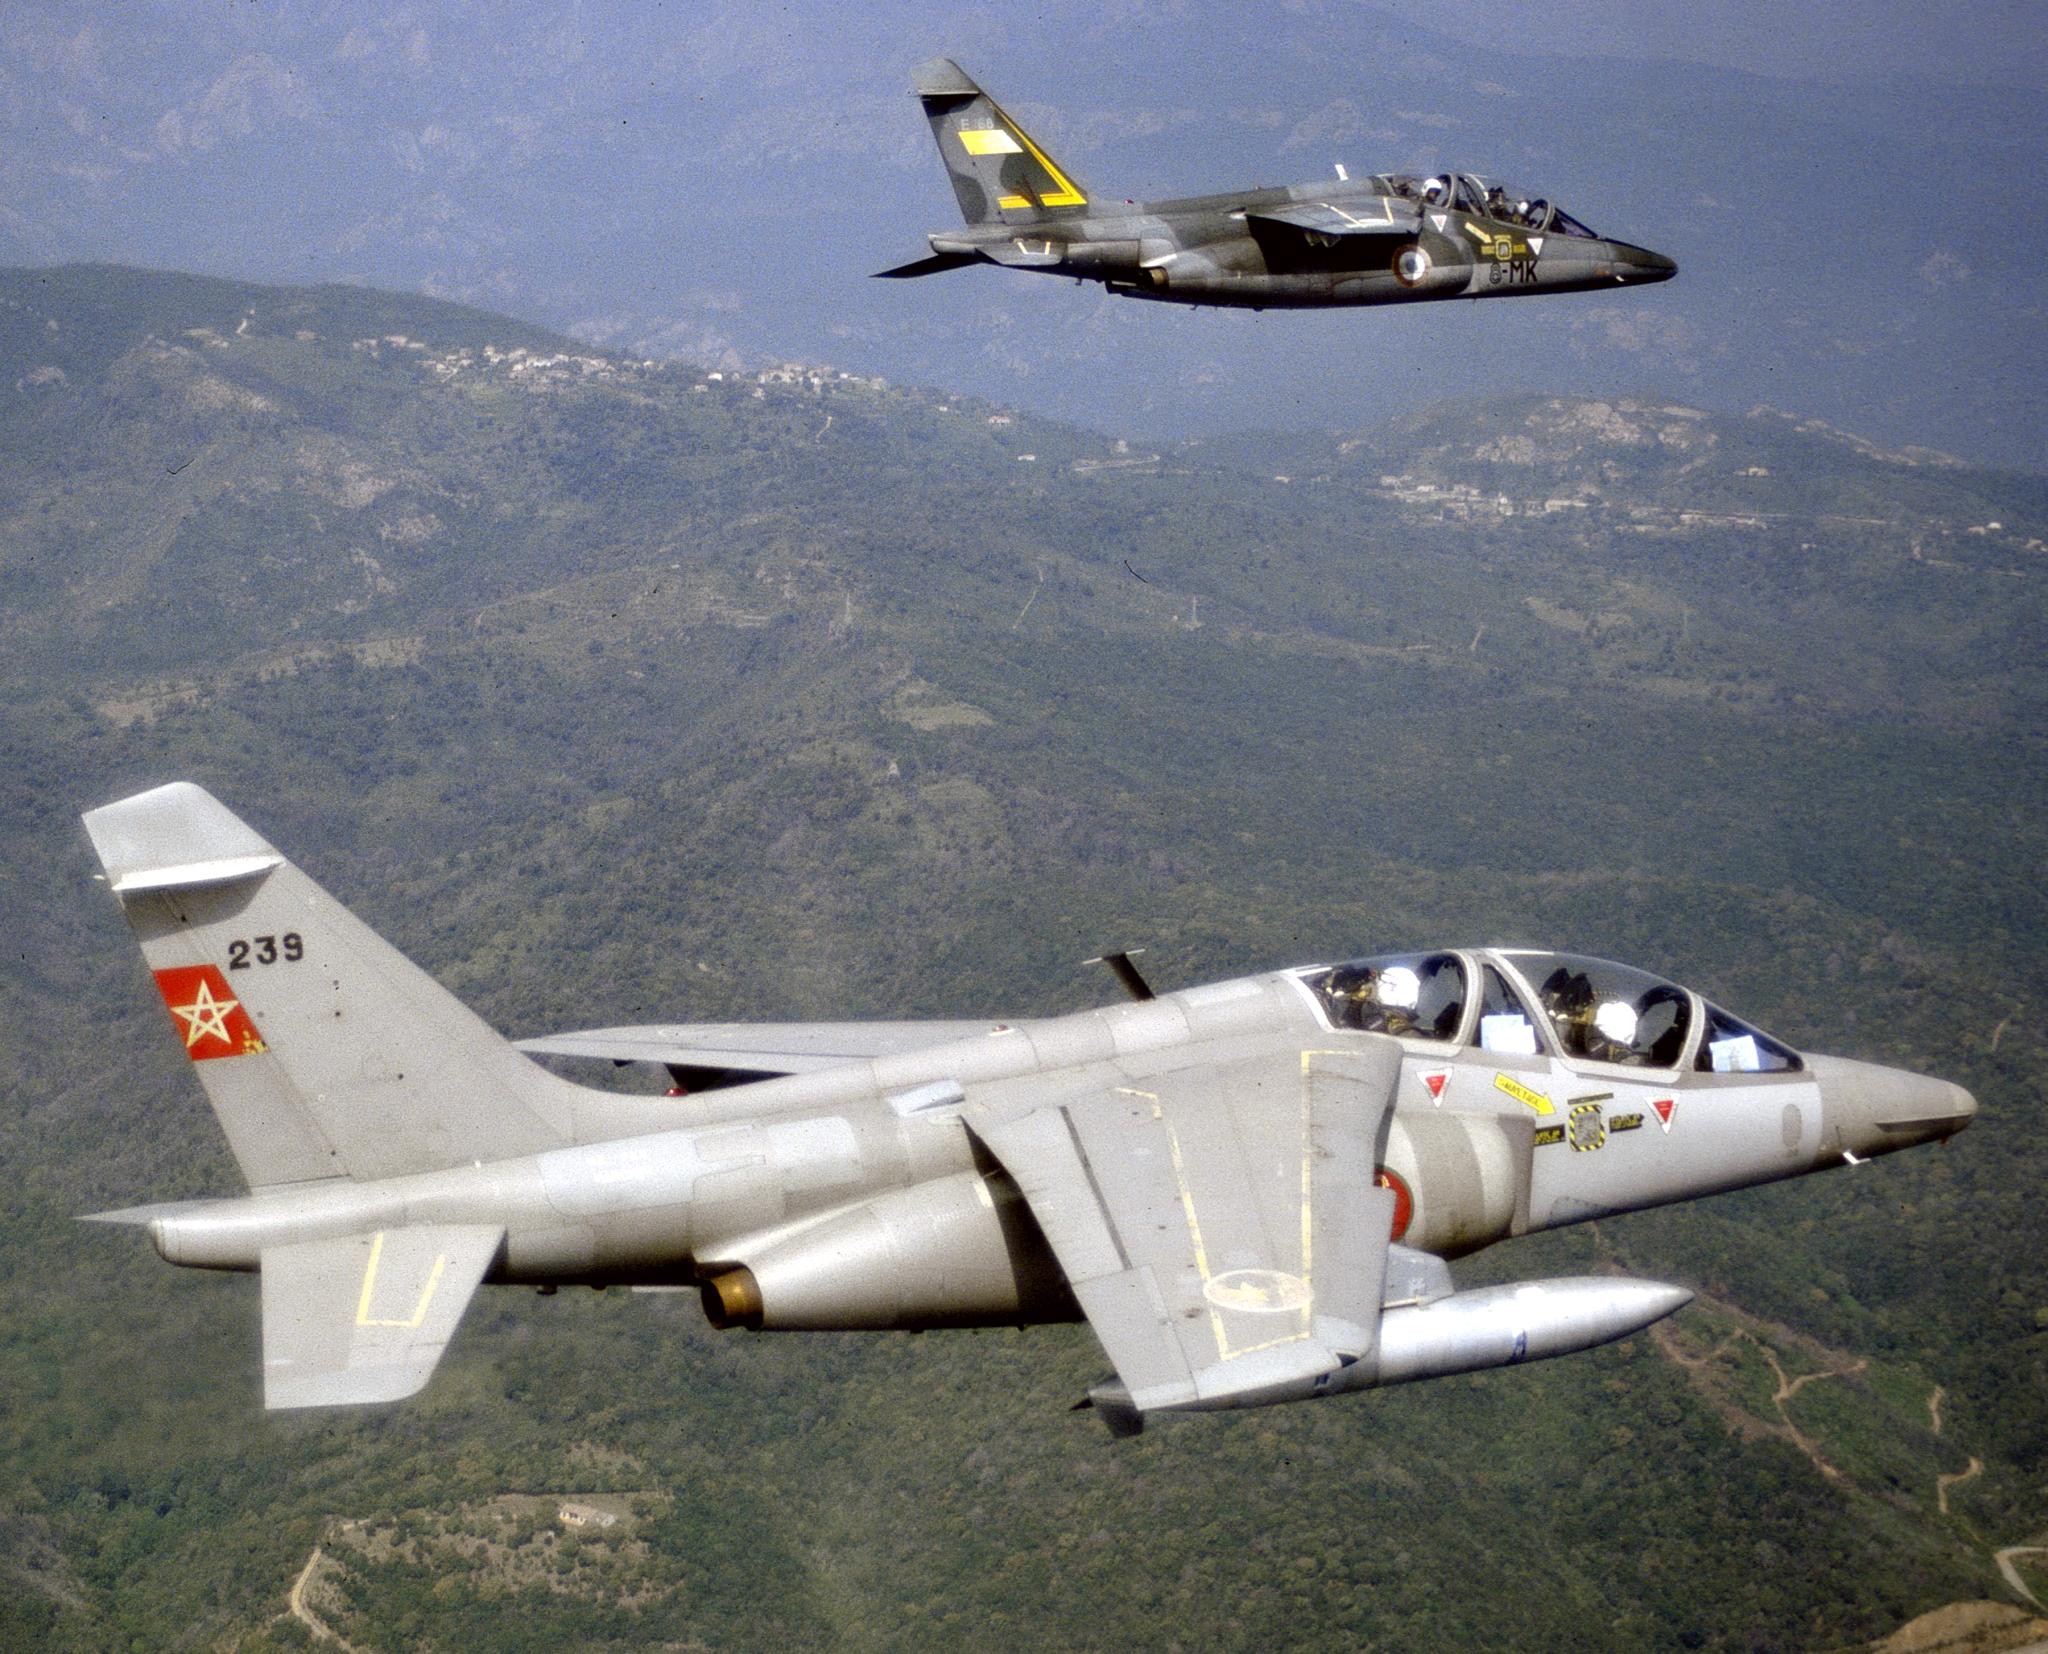 FRA: Photos avions d'entrainement et anti insurrection - Page 8 160122051519836215